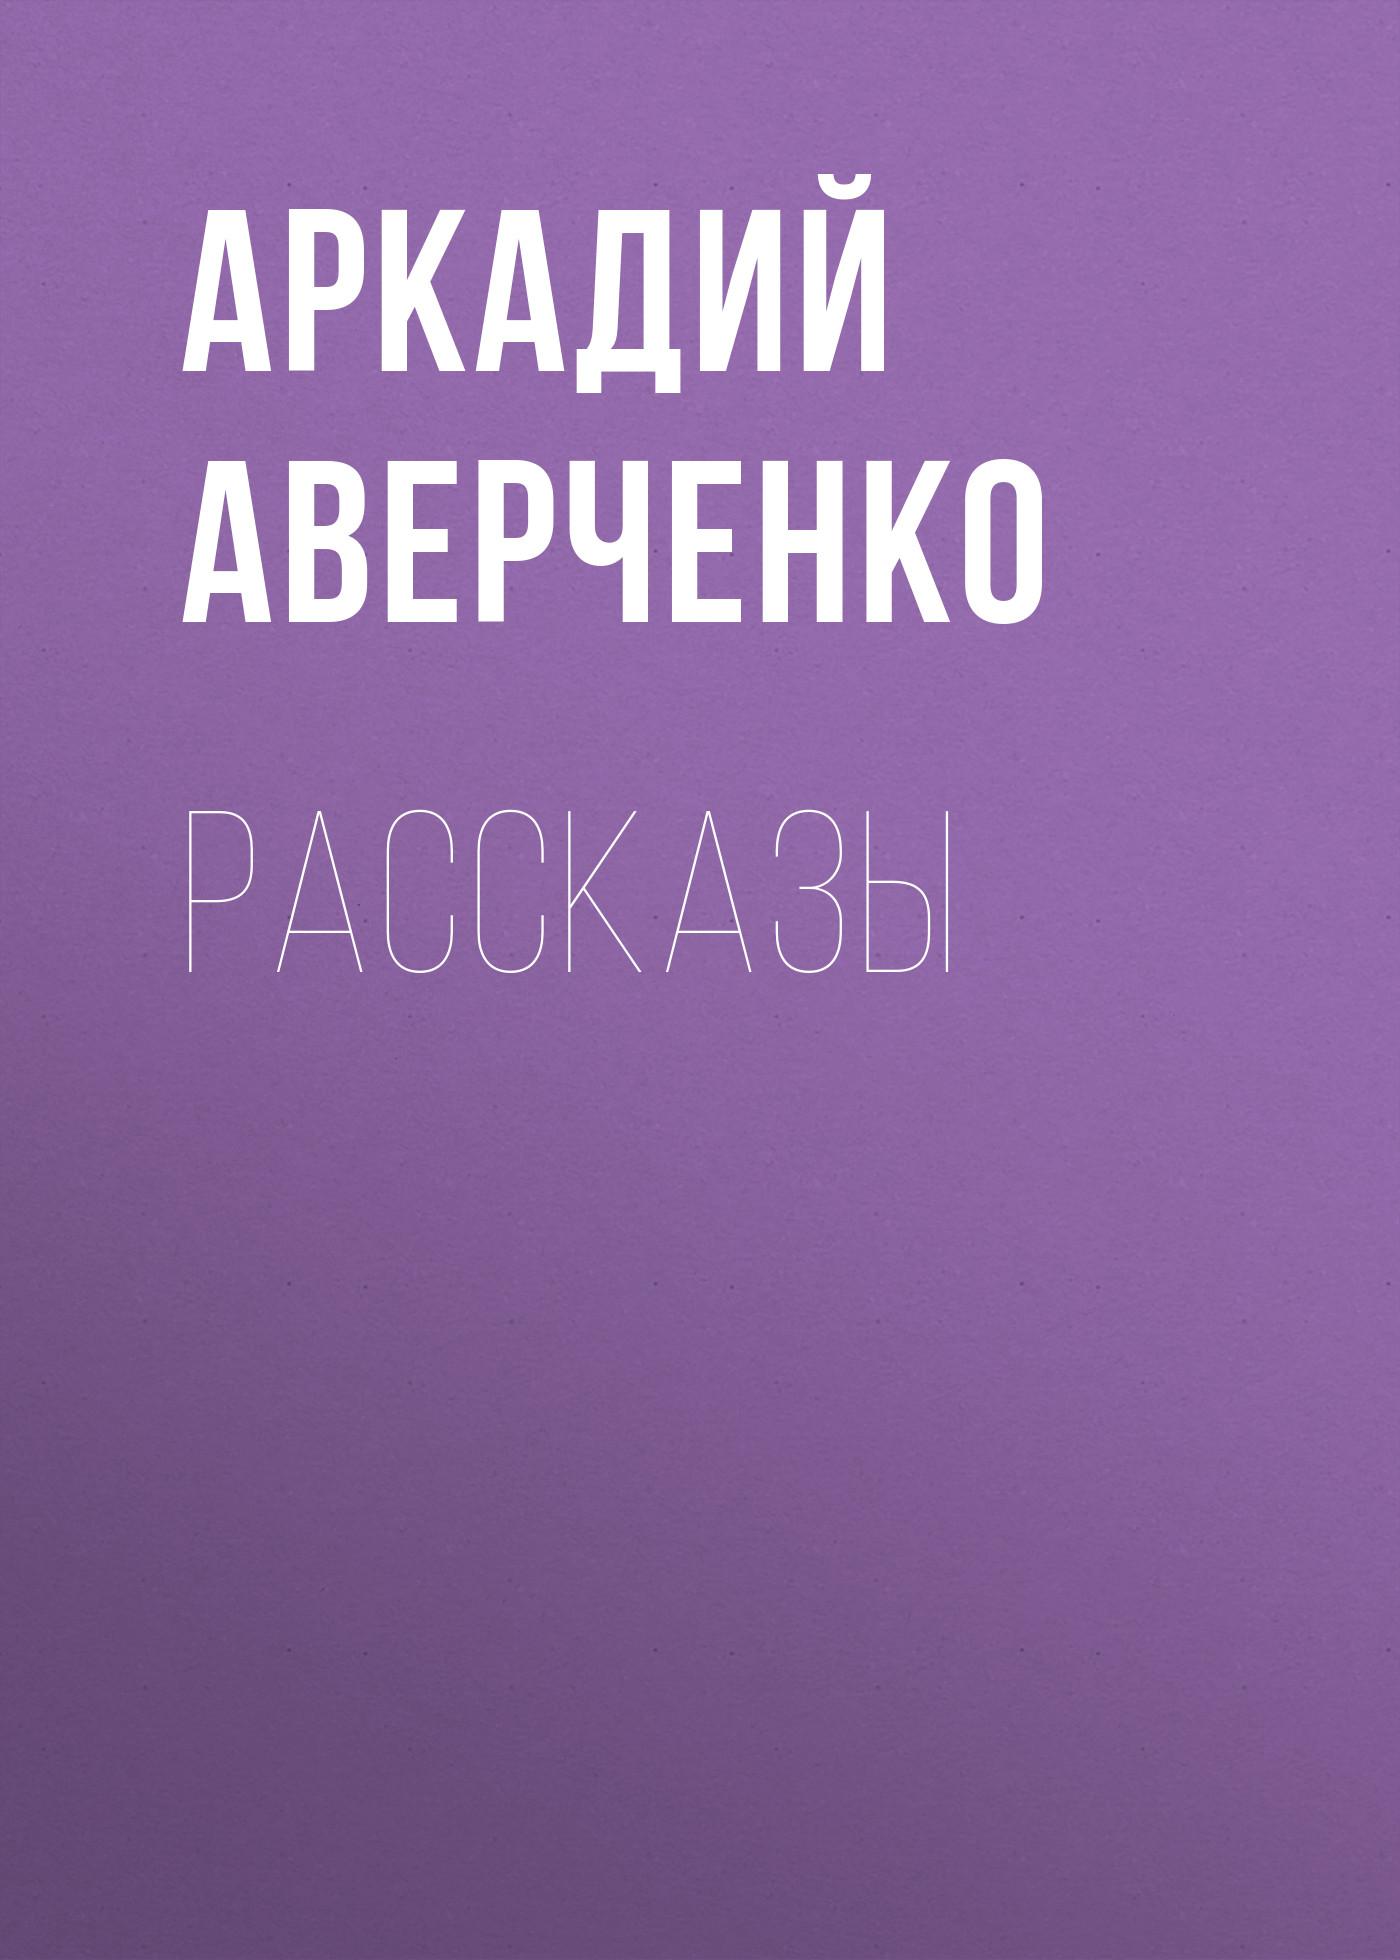 Аркадий Аверченко Рассказы аверченко а юмор для дураков рассказы